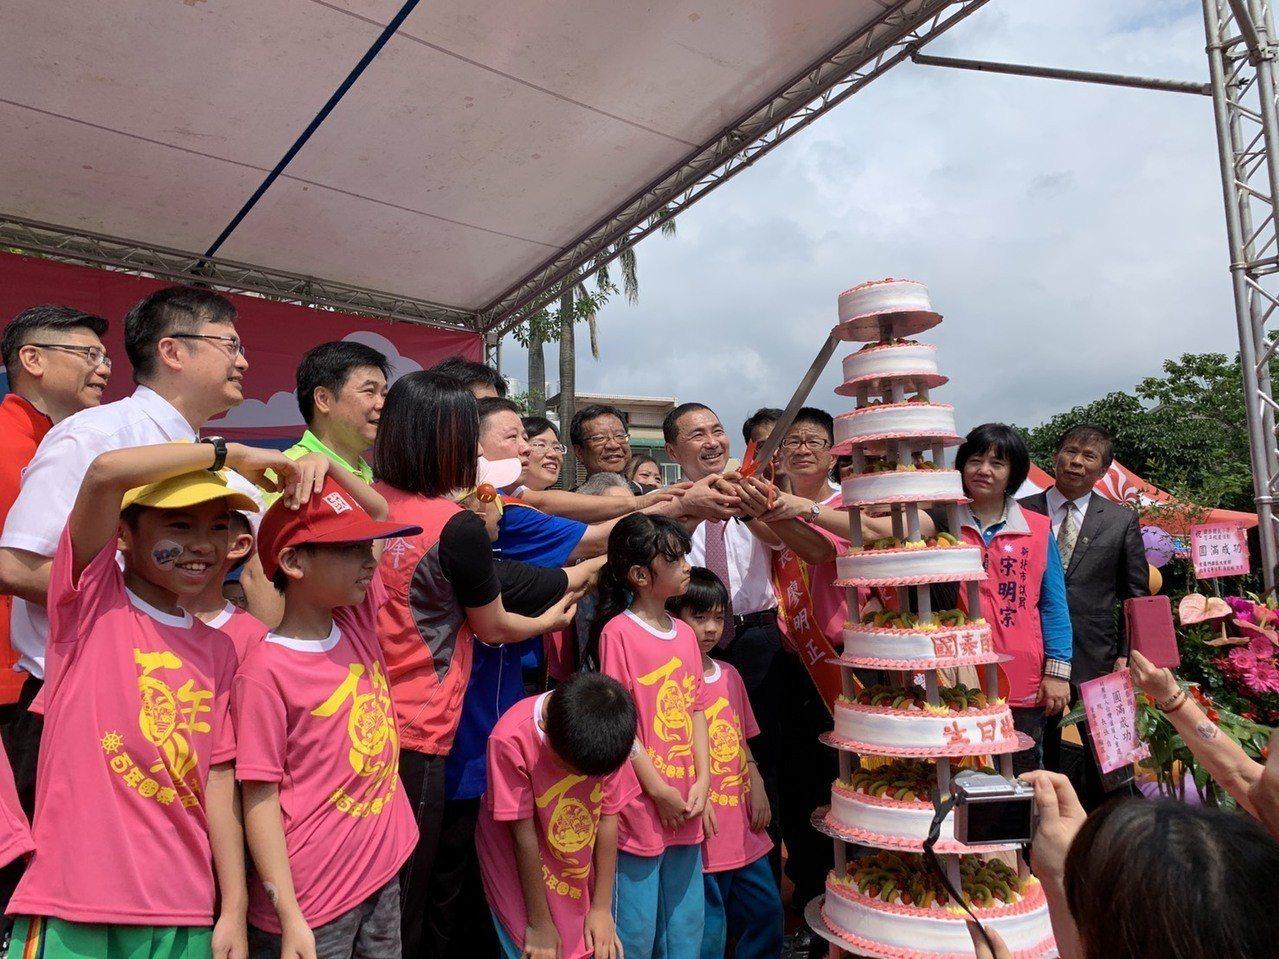 新北市長侯友宜今早參加國泰國小百年校慶。記者魏翊庭/攝影